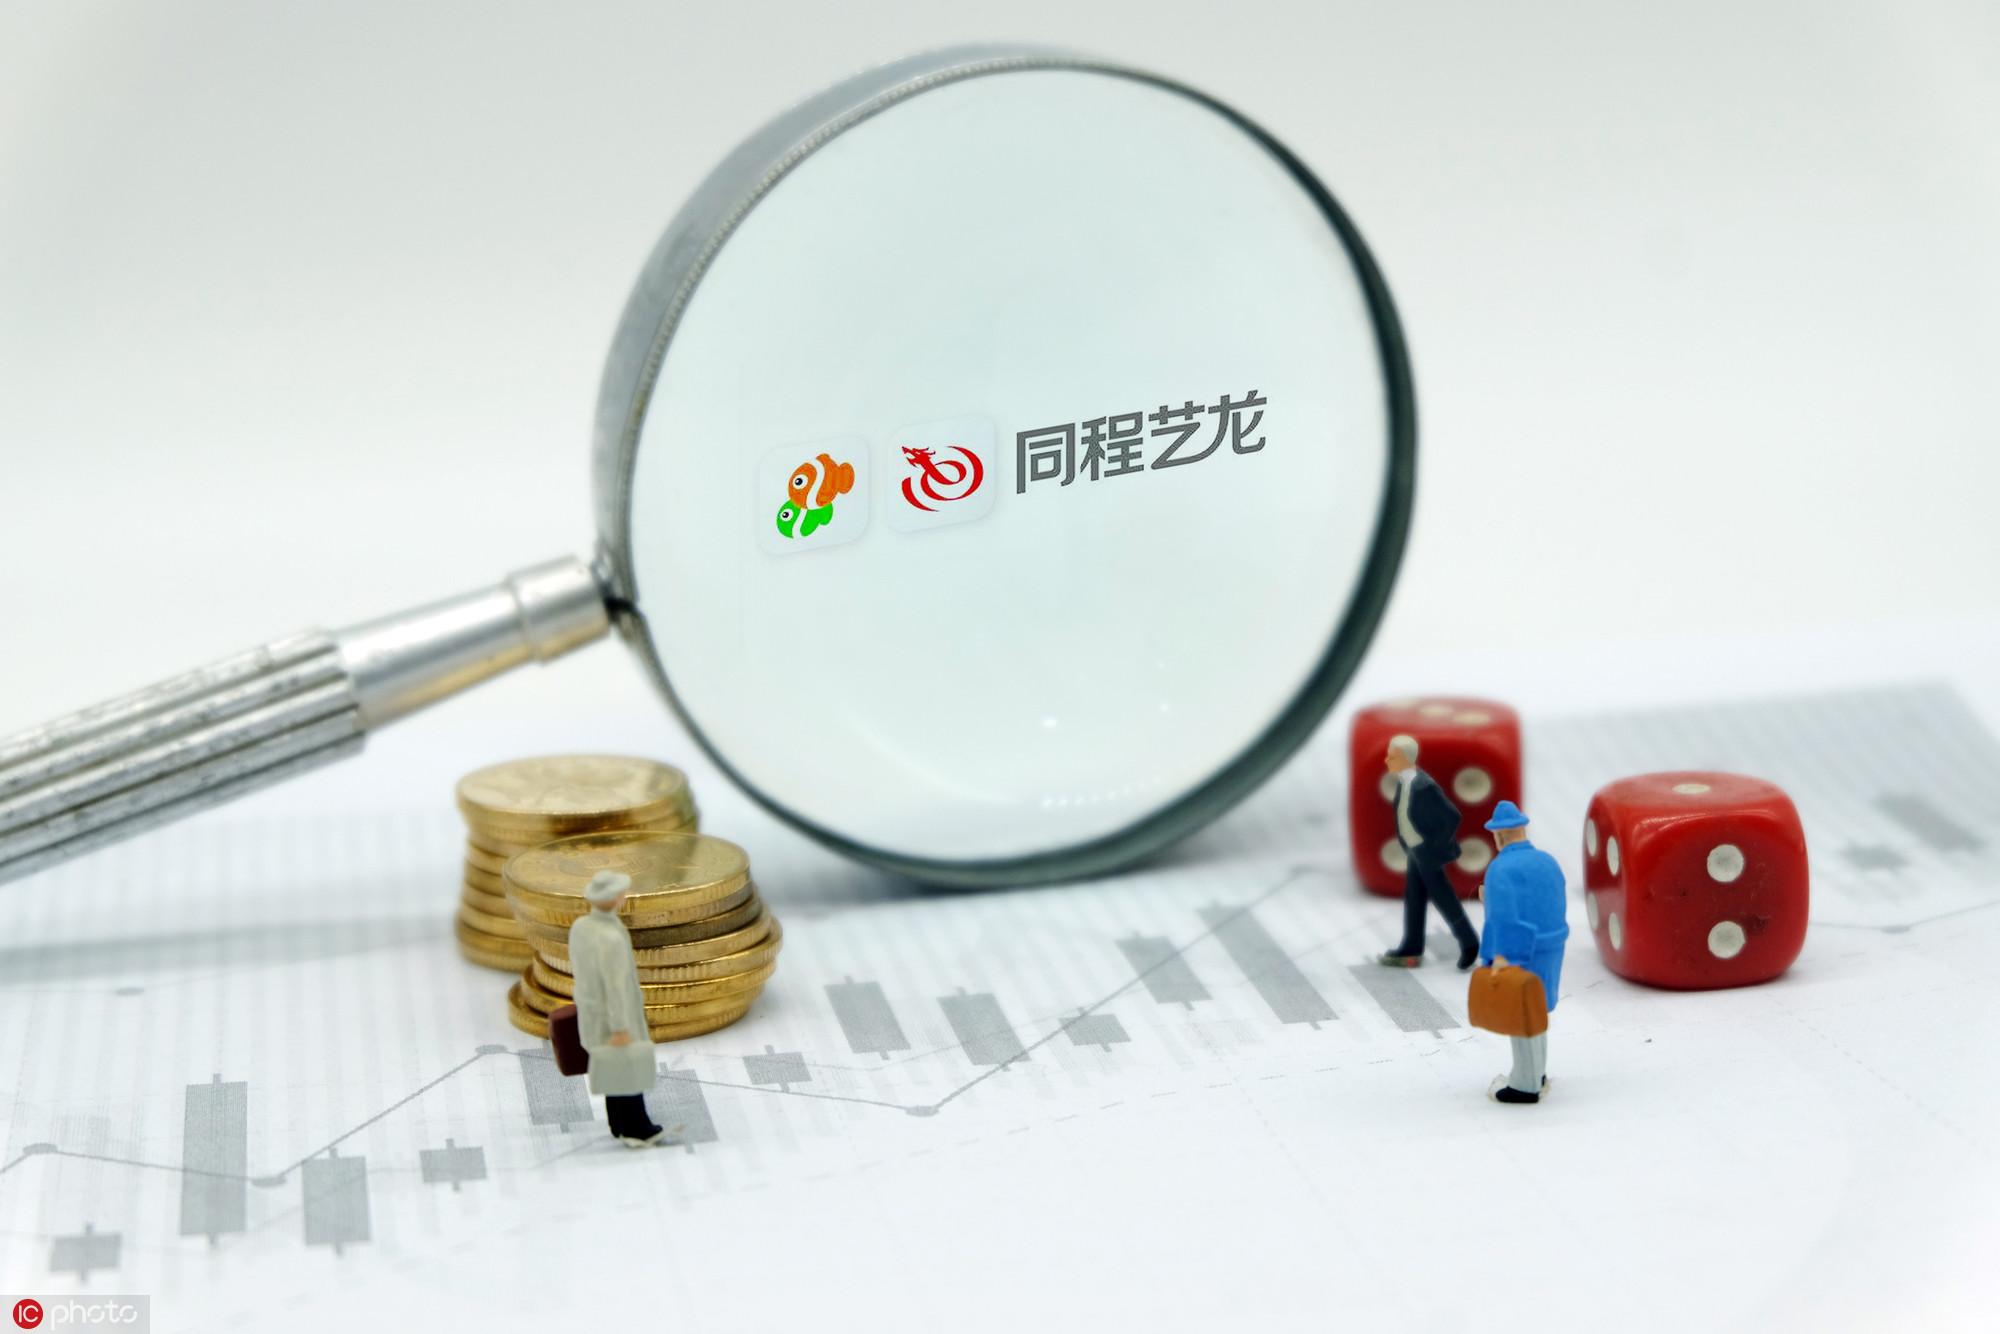 同程艺龙(0780.HK):ITA第一股,ARPU上升潜力巨大